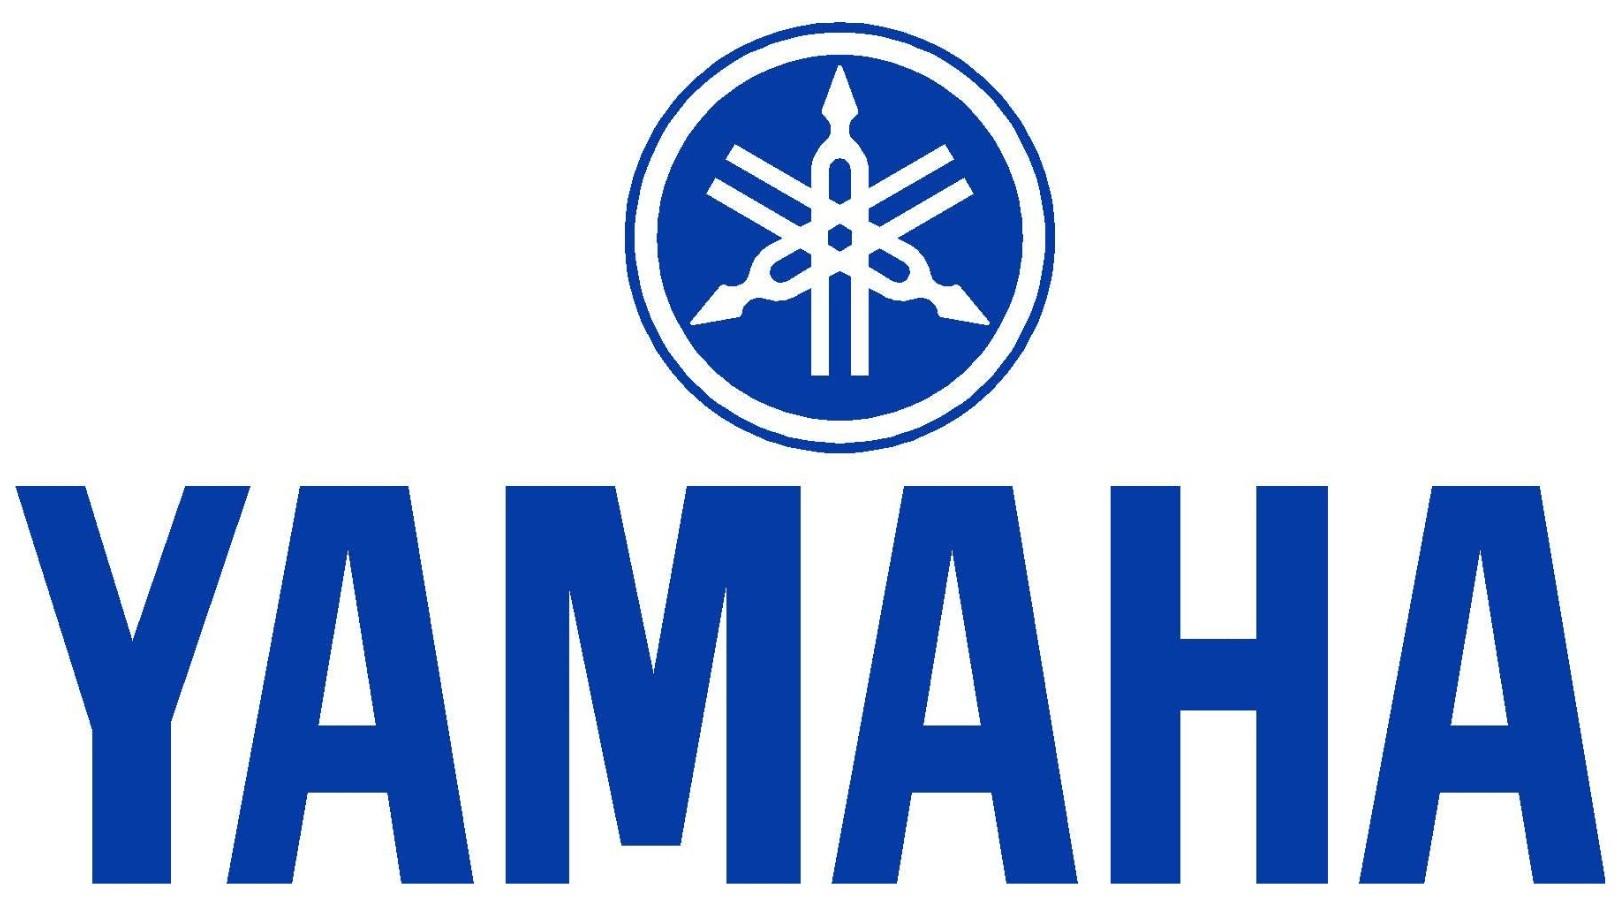 yamaha Brand